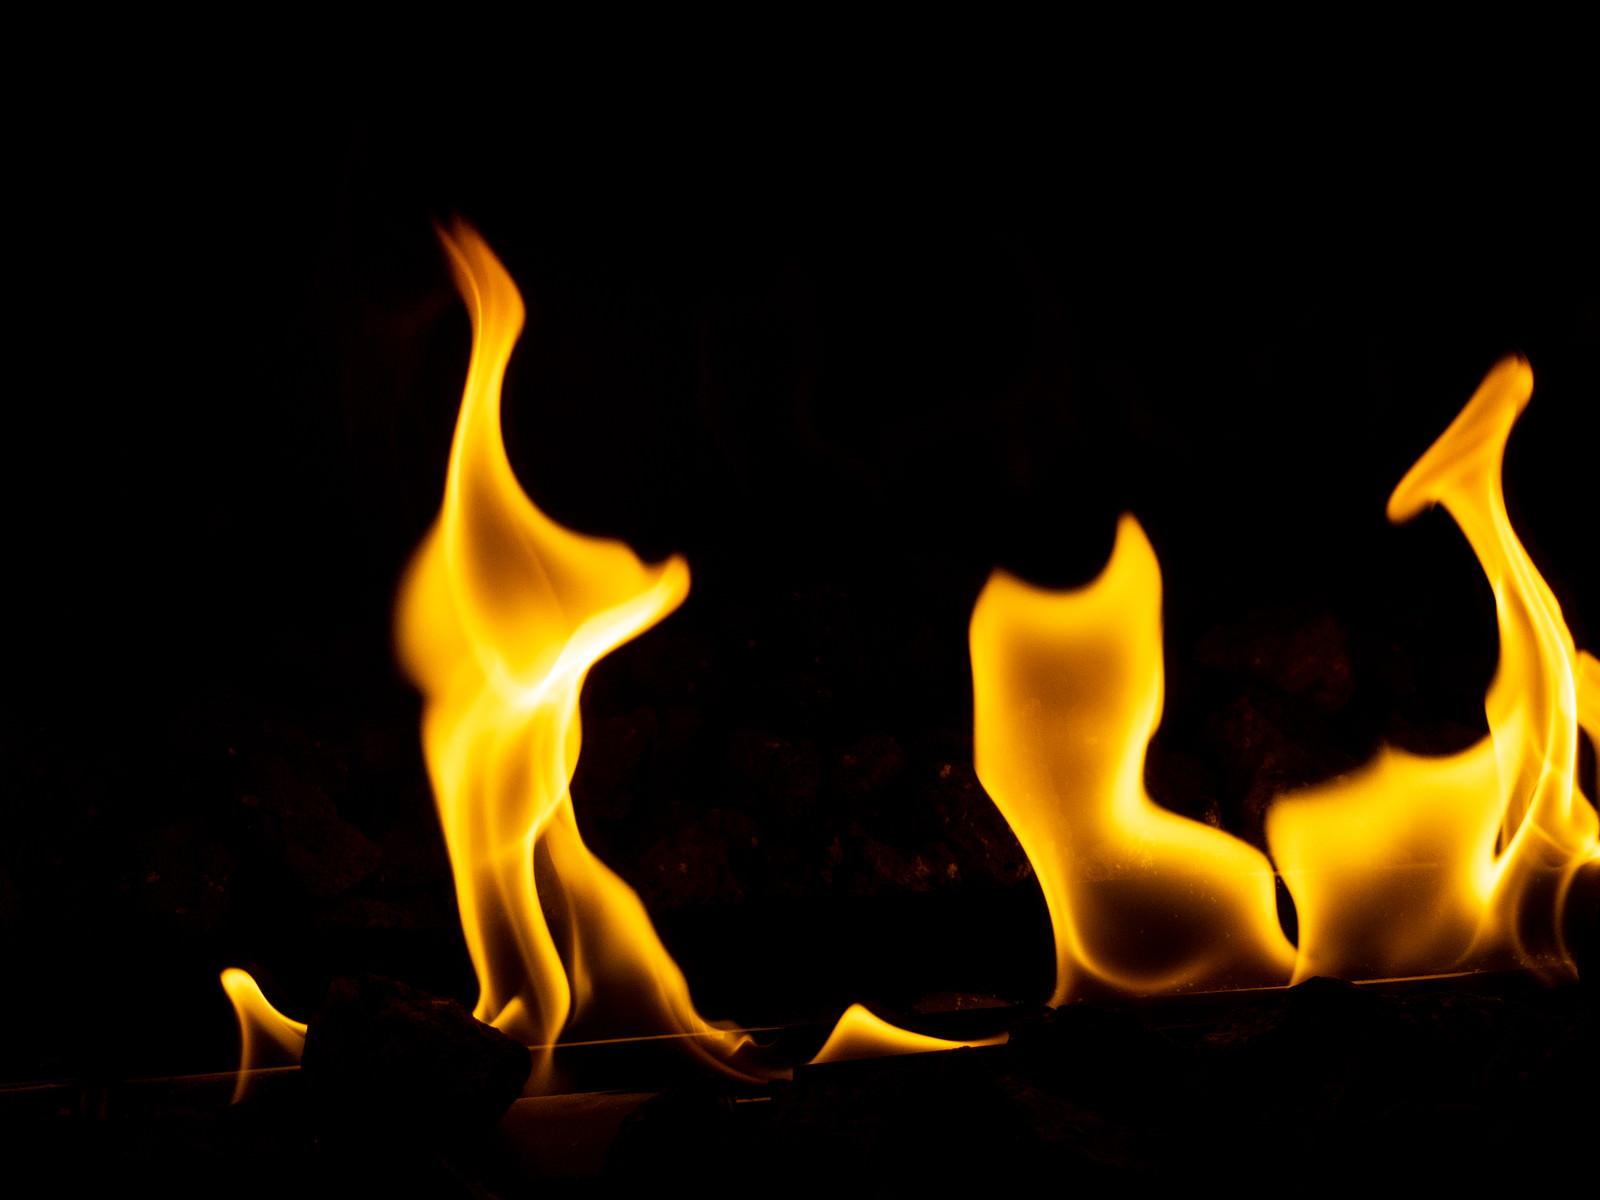 「小さな火がメラメラ」の写真